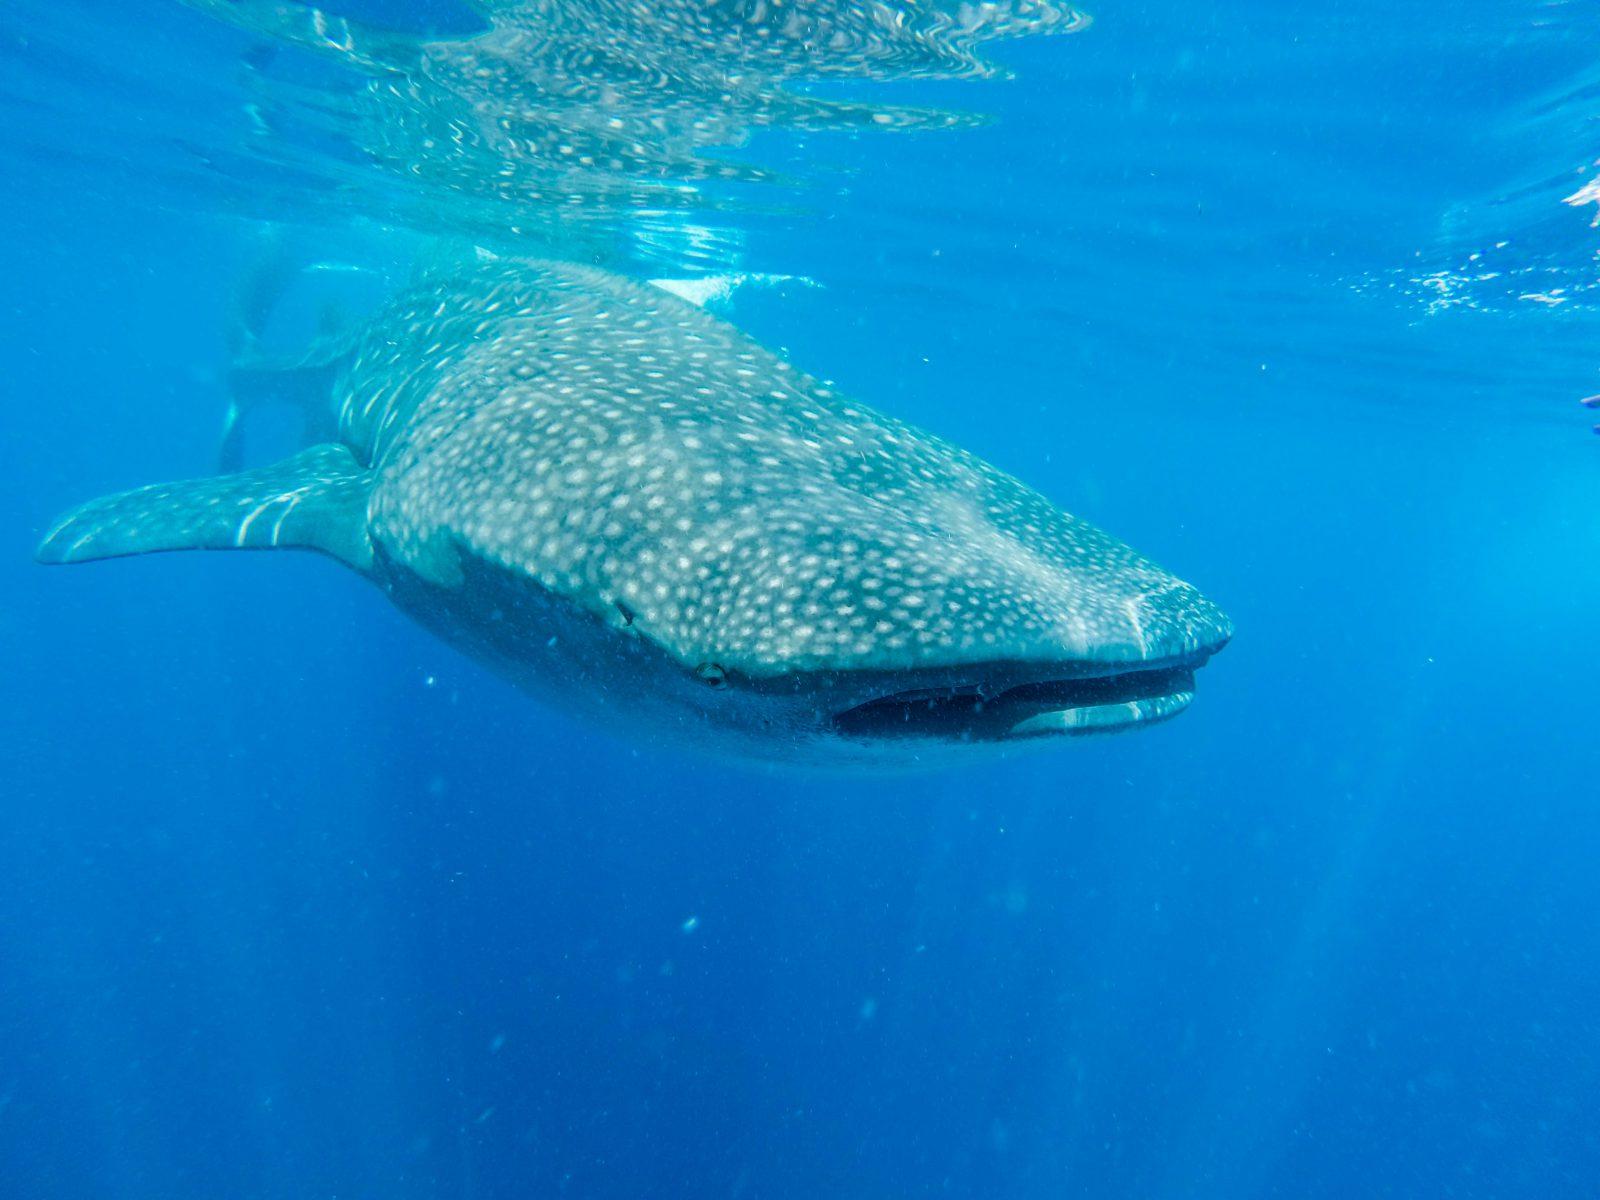 baleia azul em todos os locais do planeta